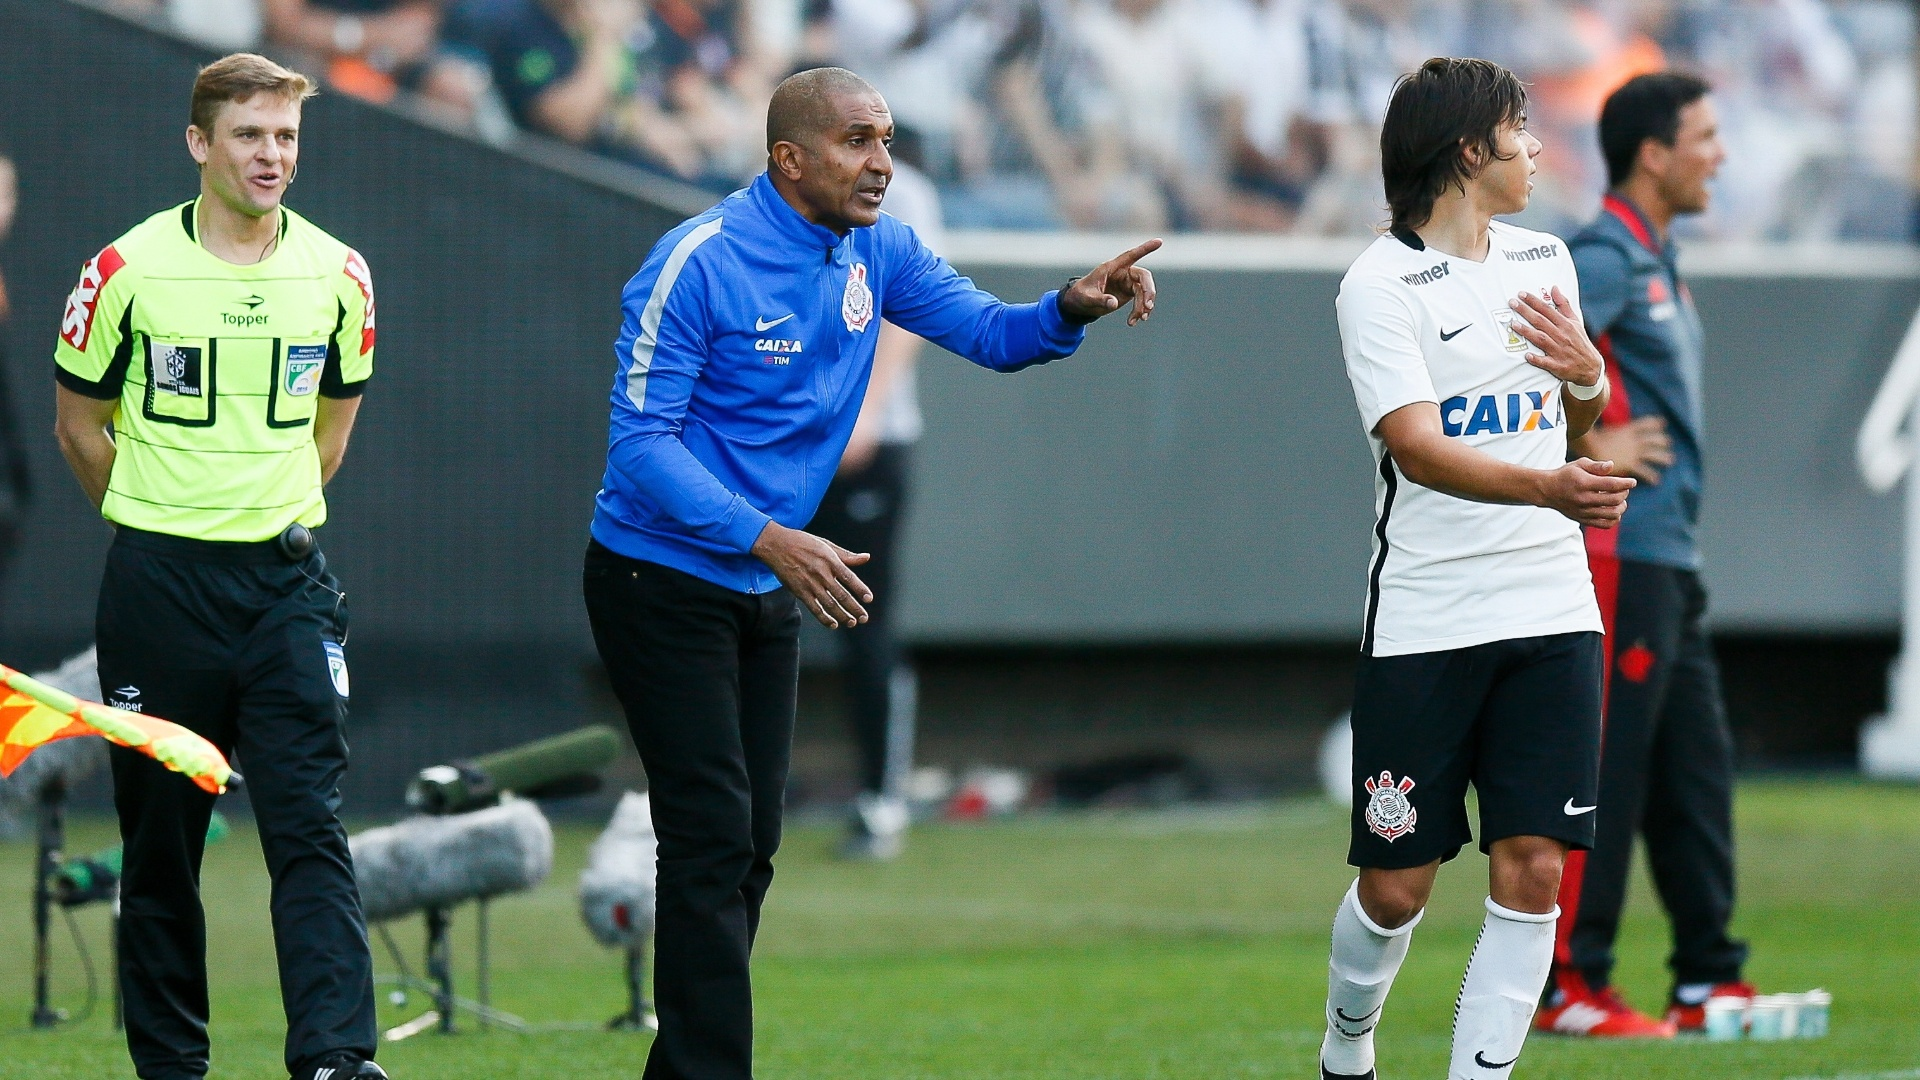 Cristóvão Borges orienta Romero na partida entre Corinthians e Flamengo pelo Campeonato Brasileiro